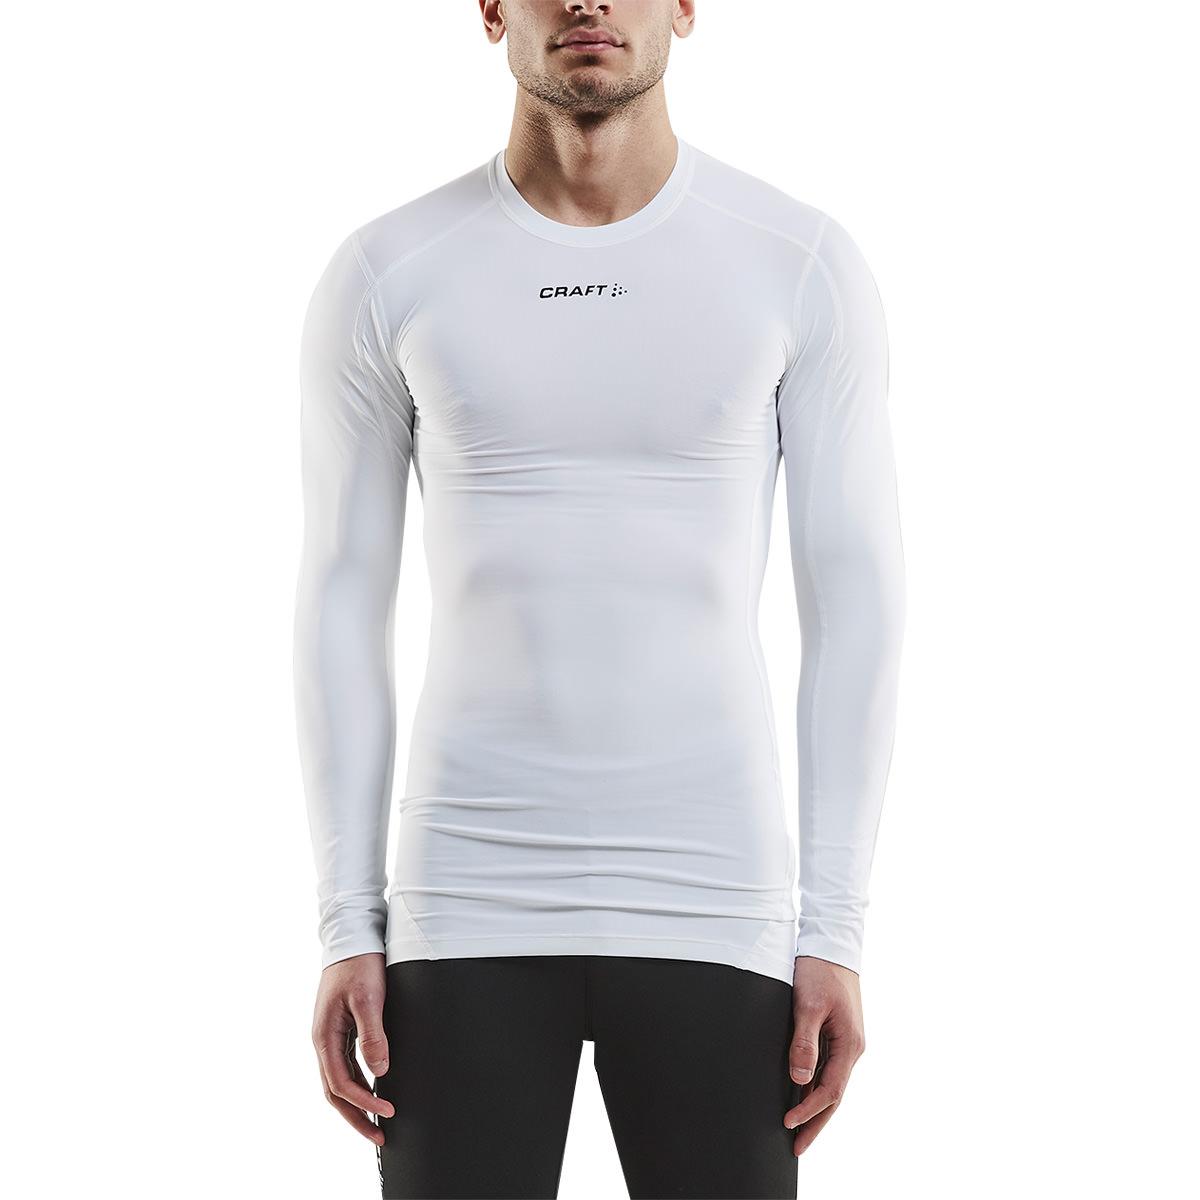 Craft Pro Control Kompression Langærmet Trænings T-shirt Herre